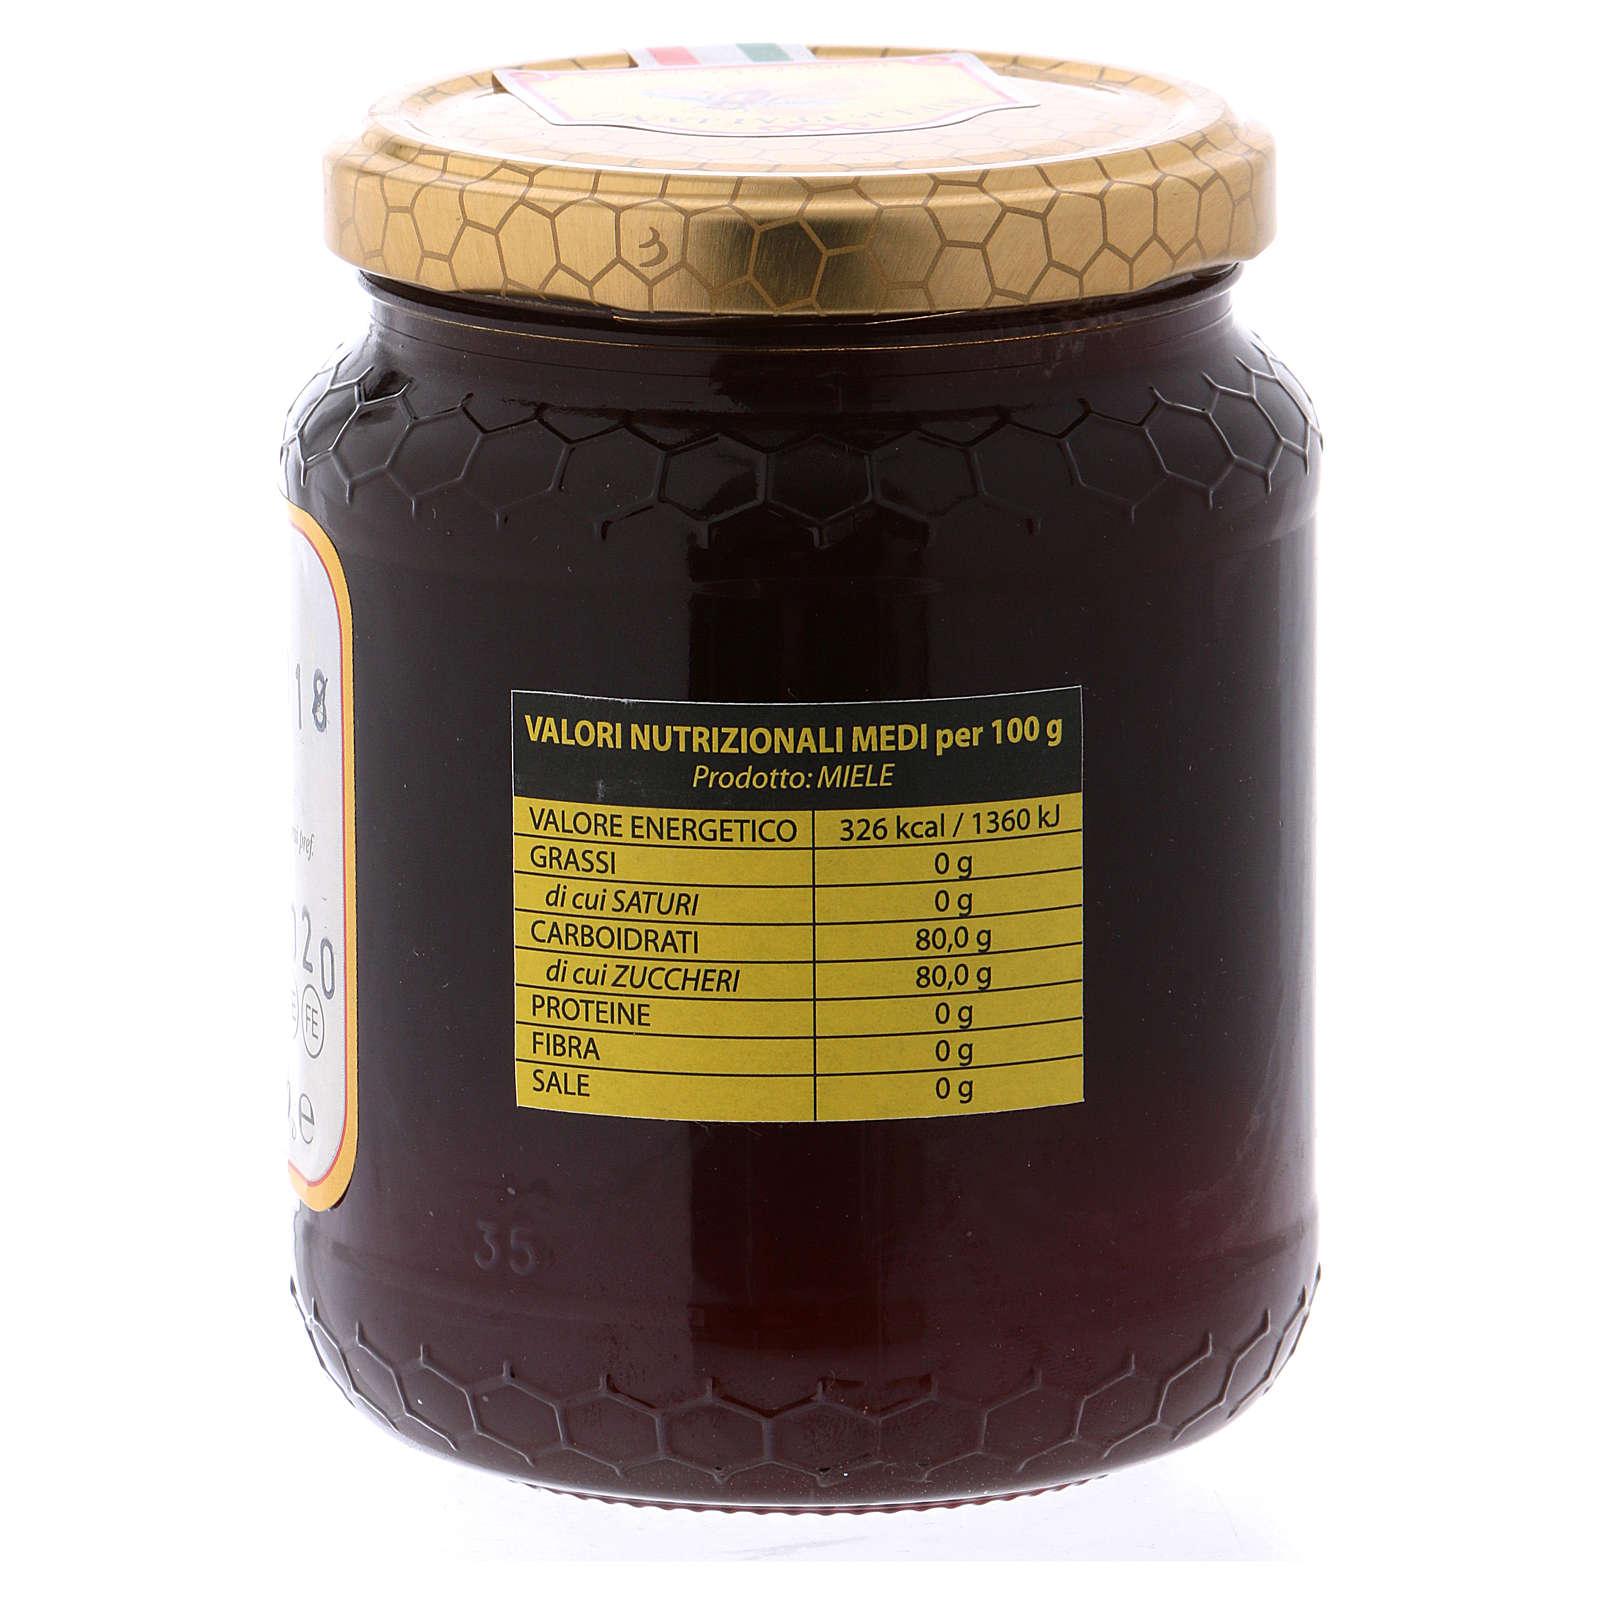 Honig aus Wald - Abtei Heilige Maria aus Finalpia 3